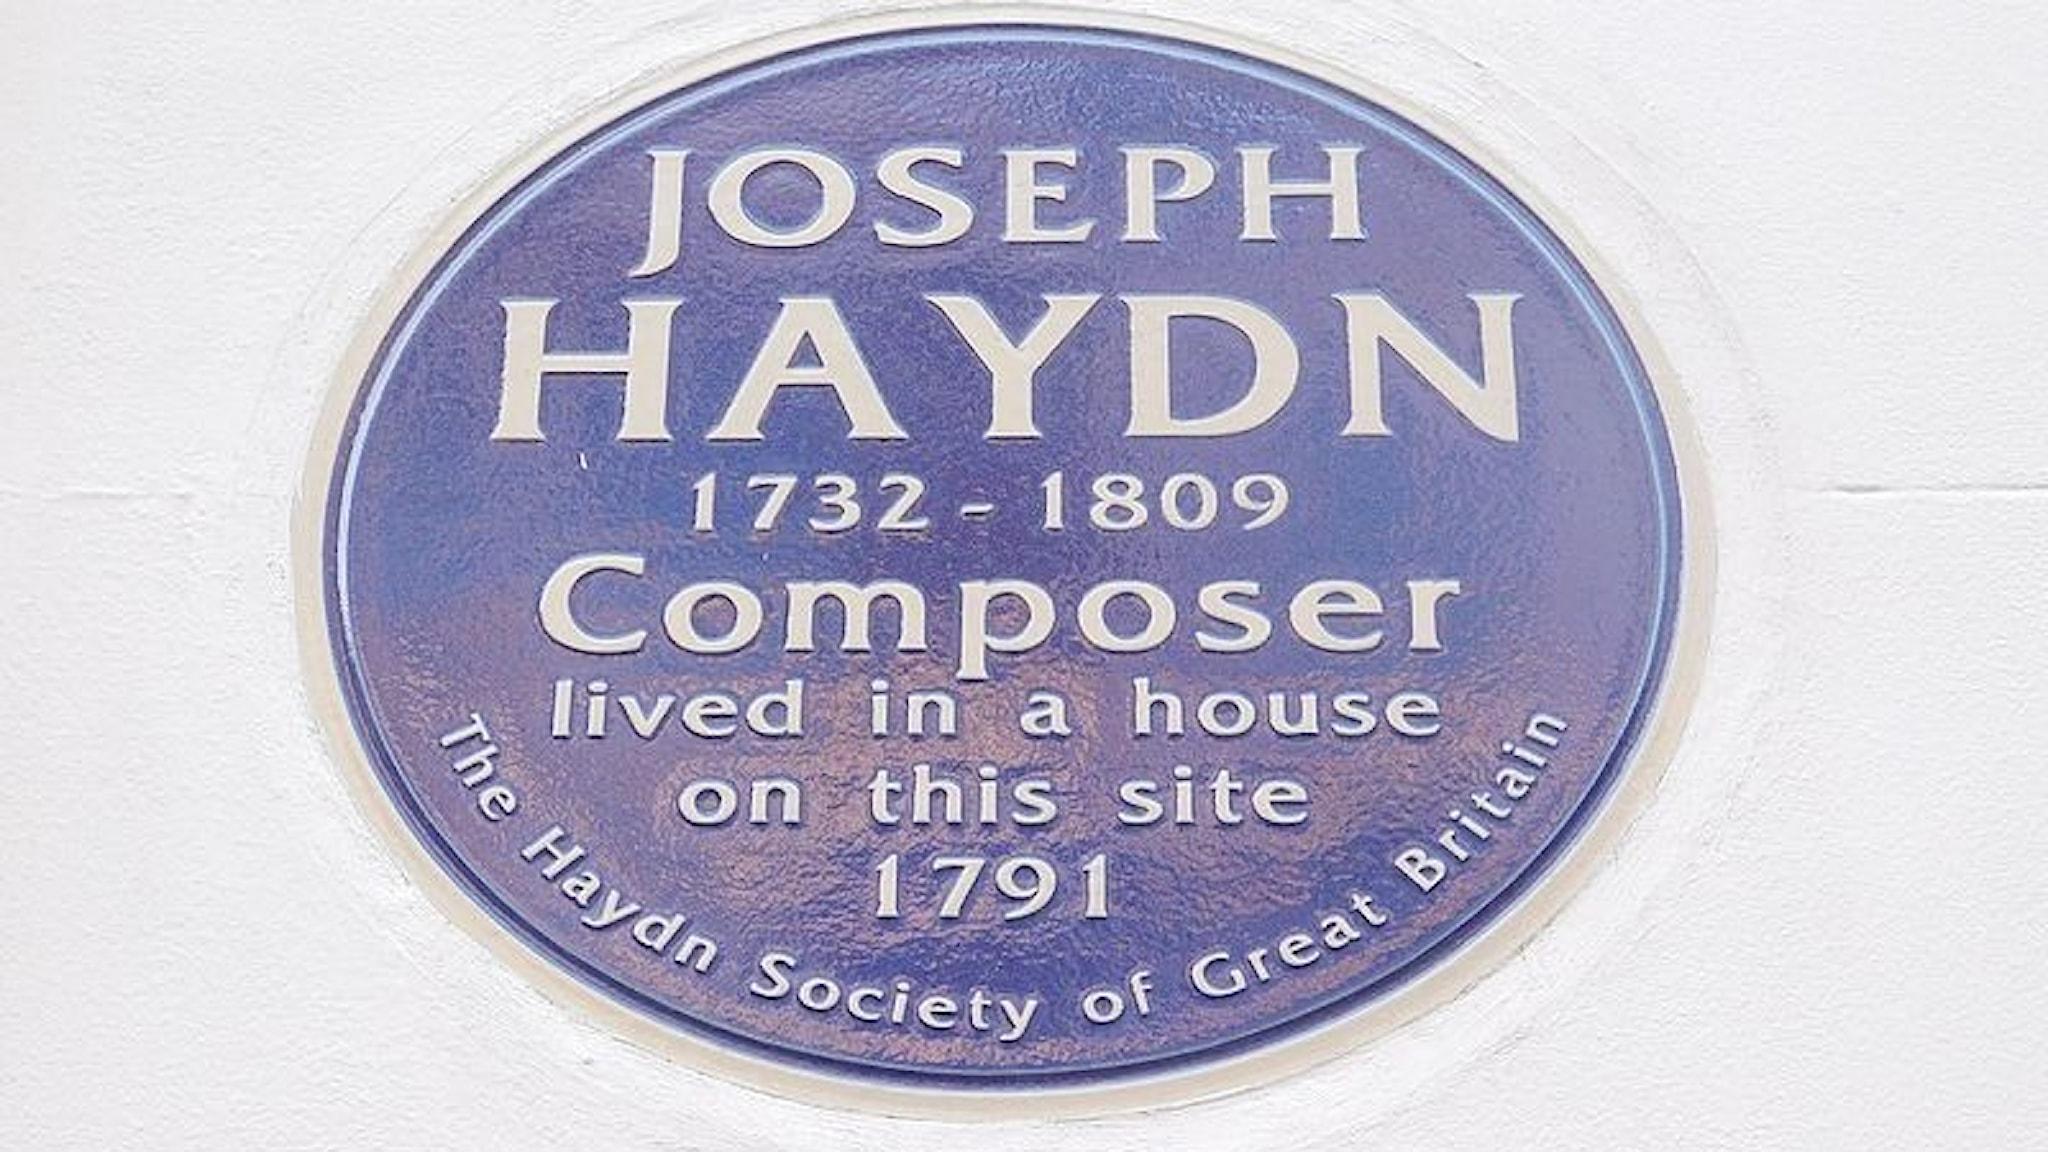 Joseph Haydn-plakett på Great Pulteney Street i Soho, London